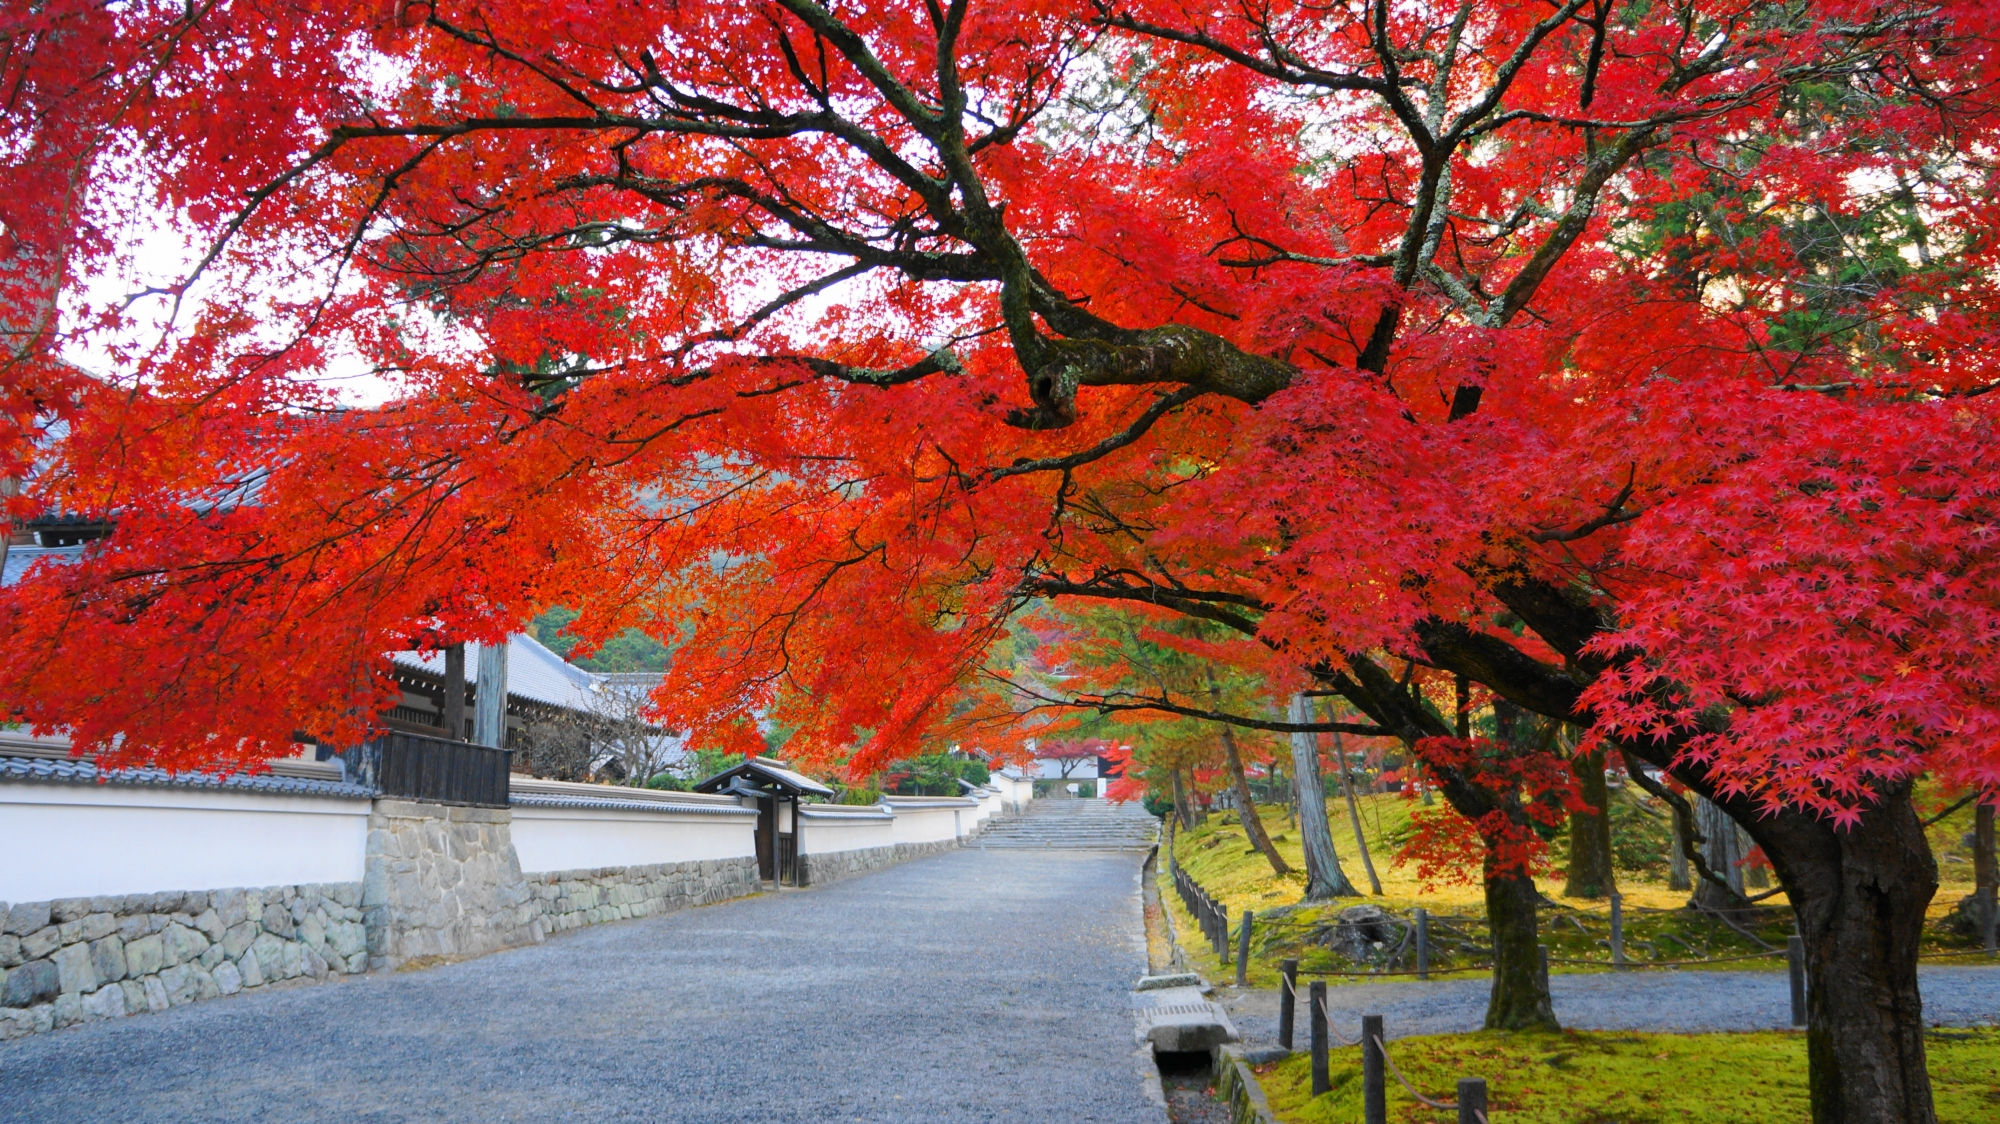 南禅寺の淡い苔と白壁に映える絶品の紅葉